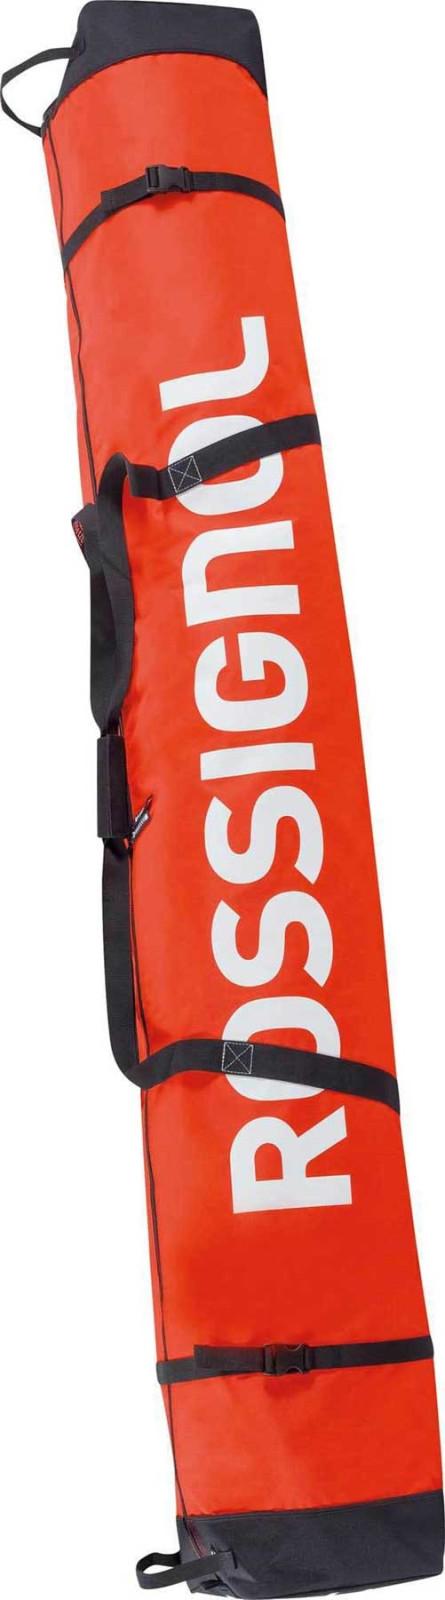 Rossignol Hero Junior Ski Bag